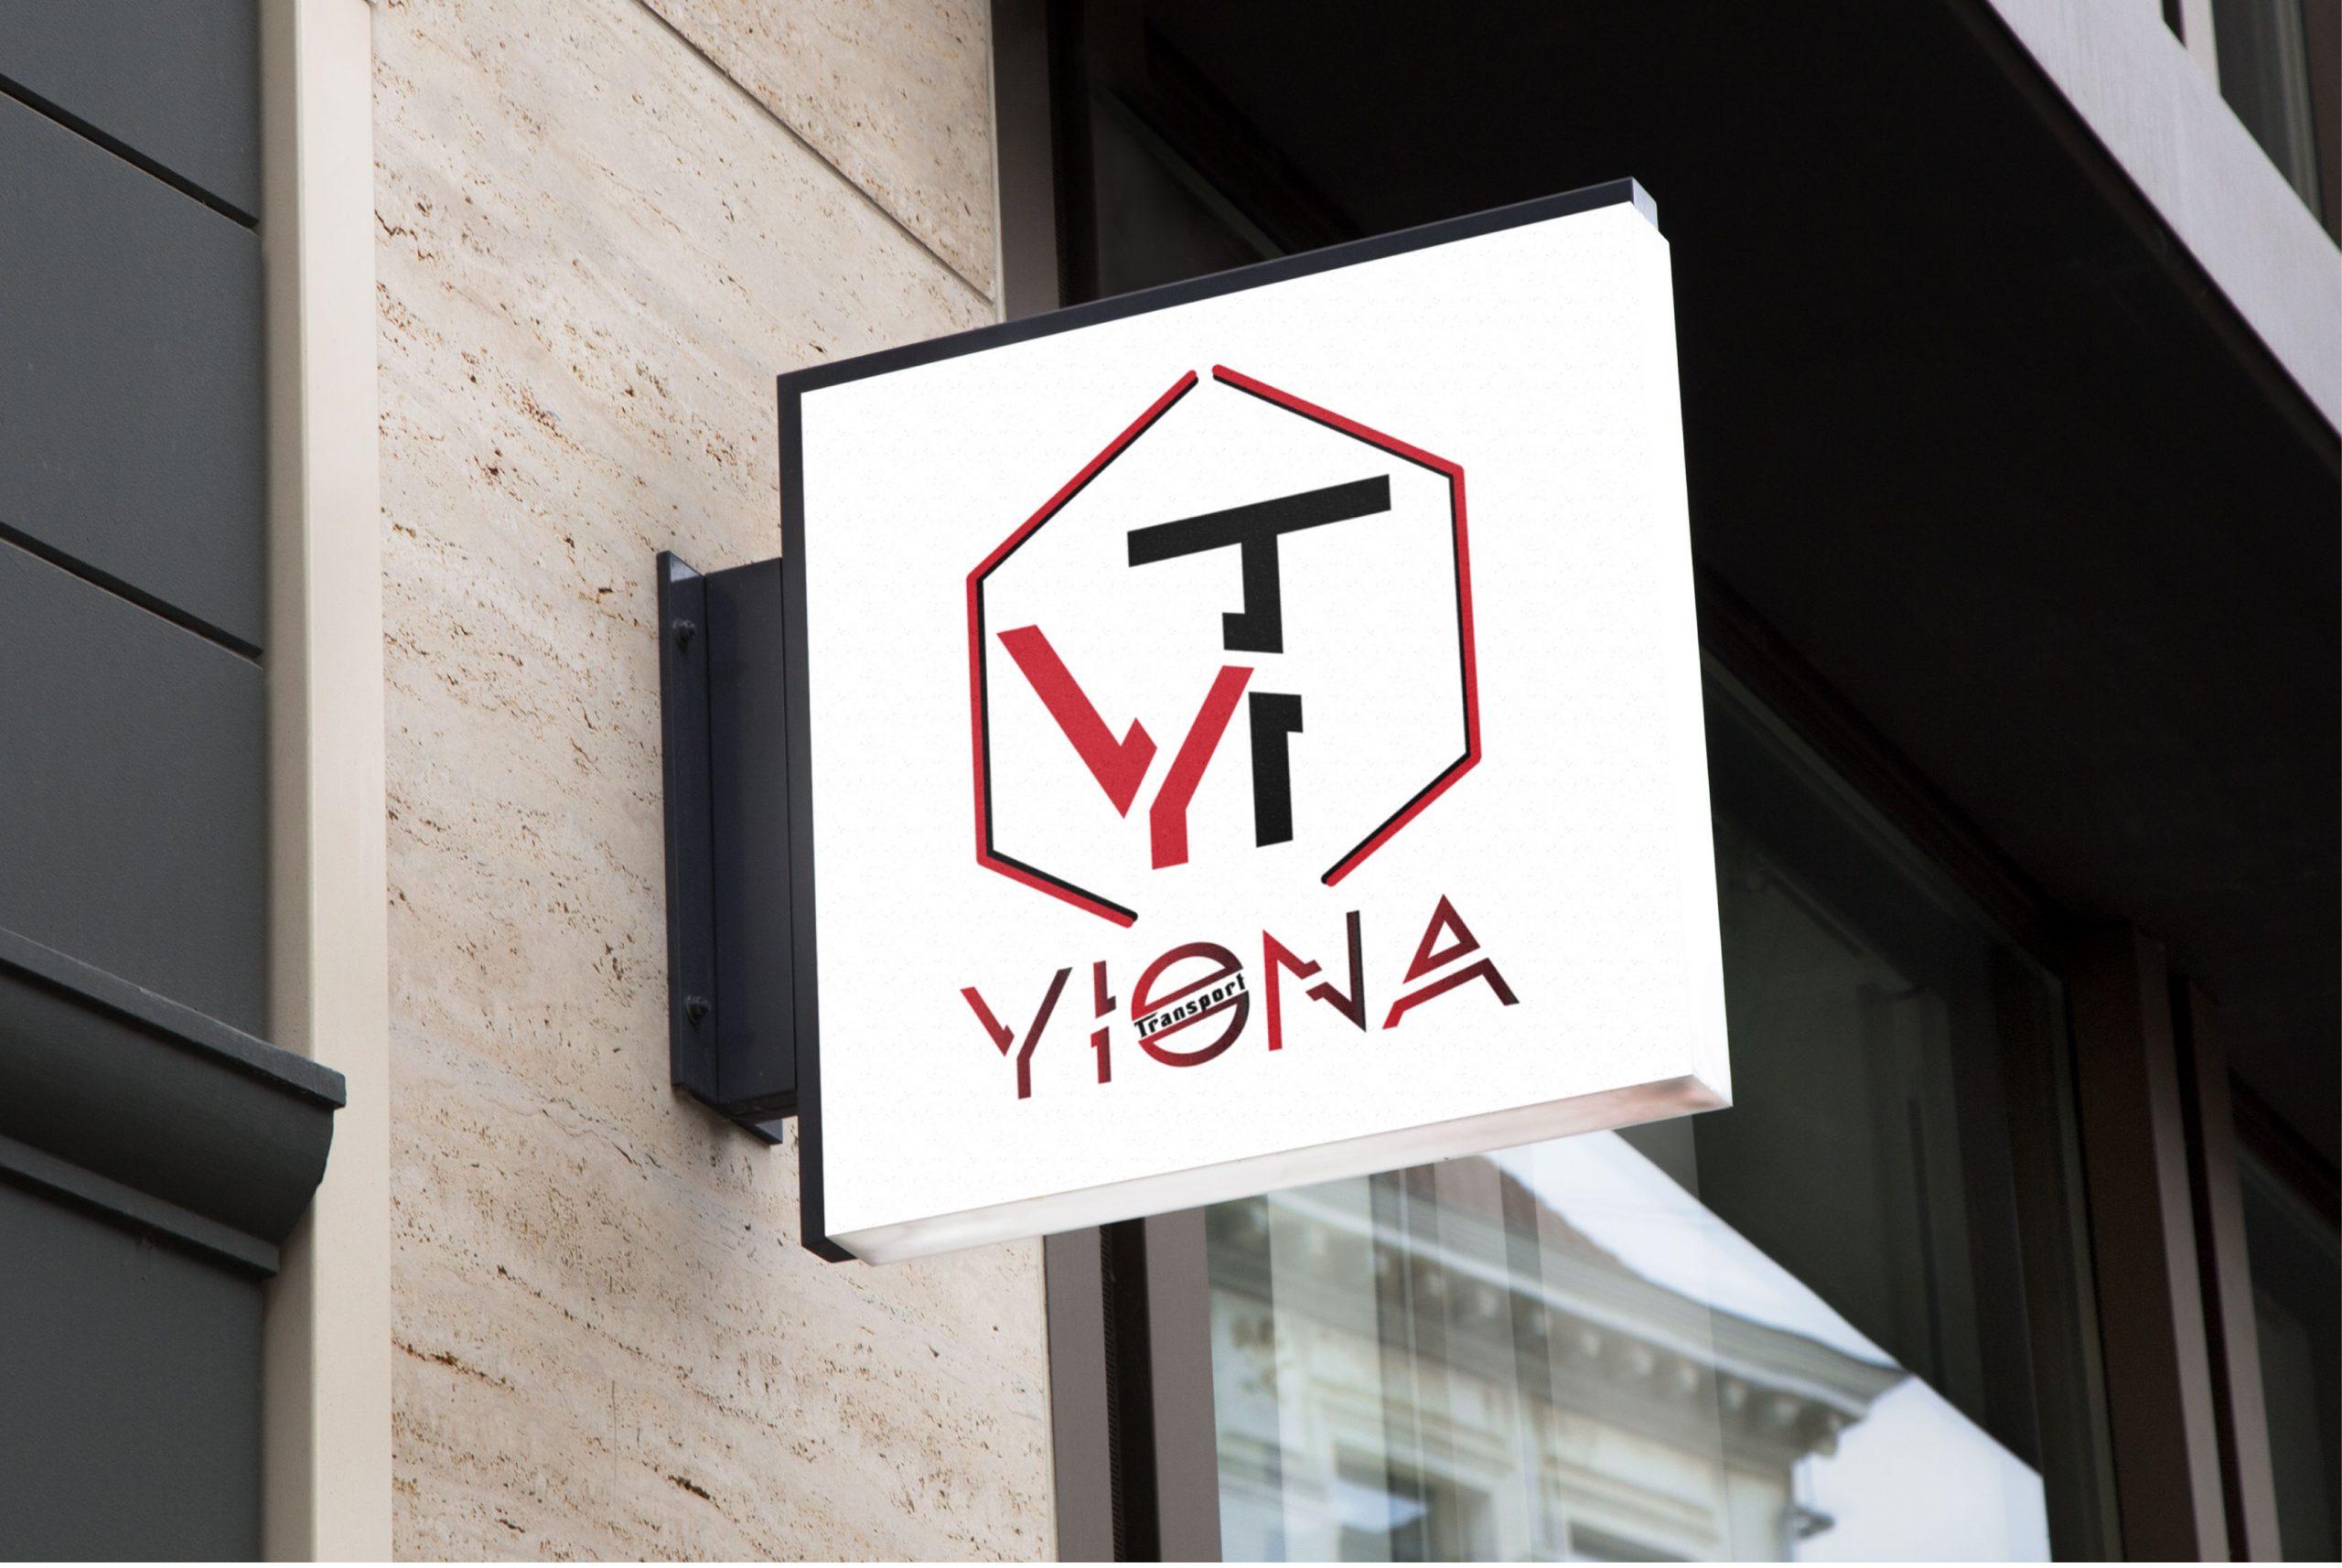 création de l'enseigne Yiona par l'agence 7essentiels à Pithiviers